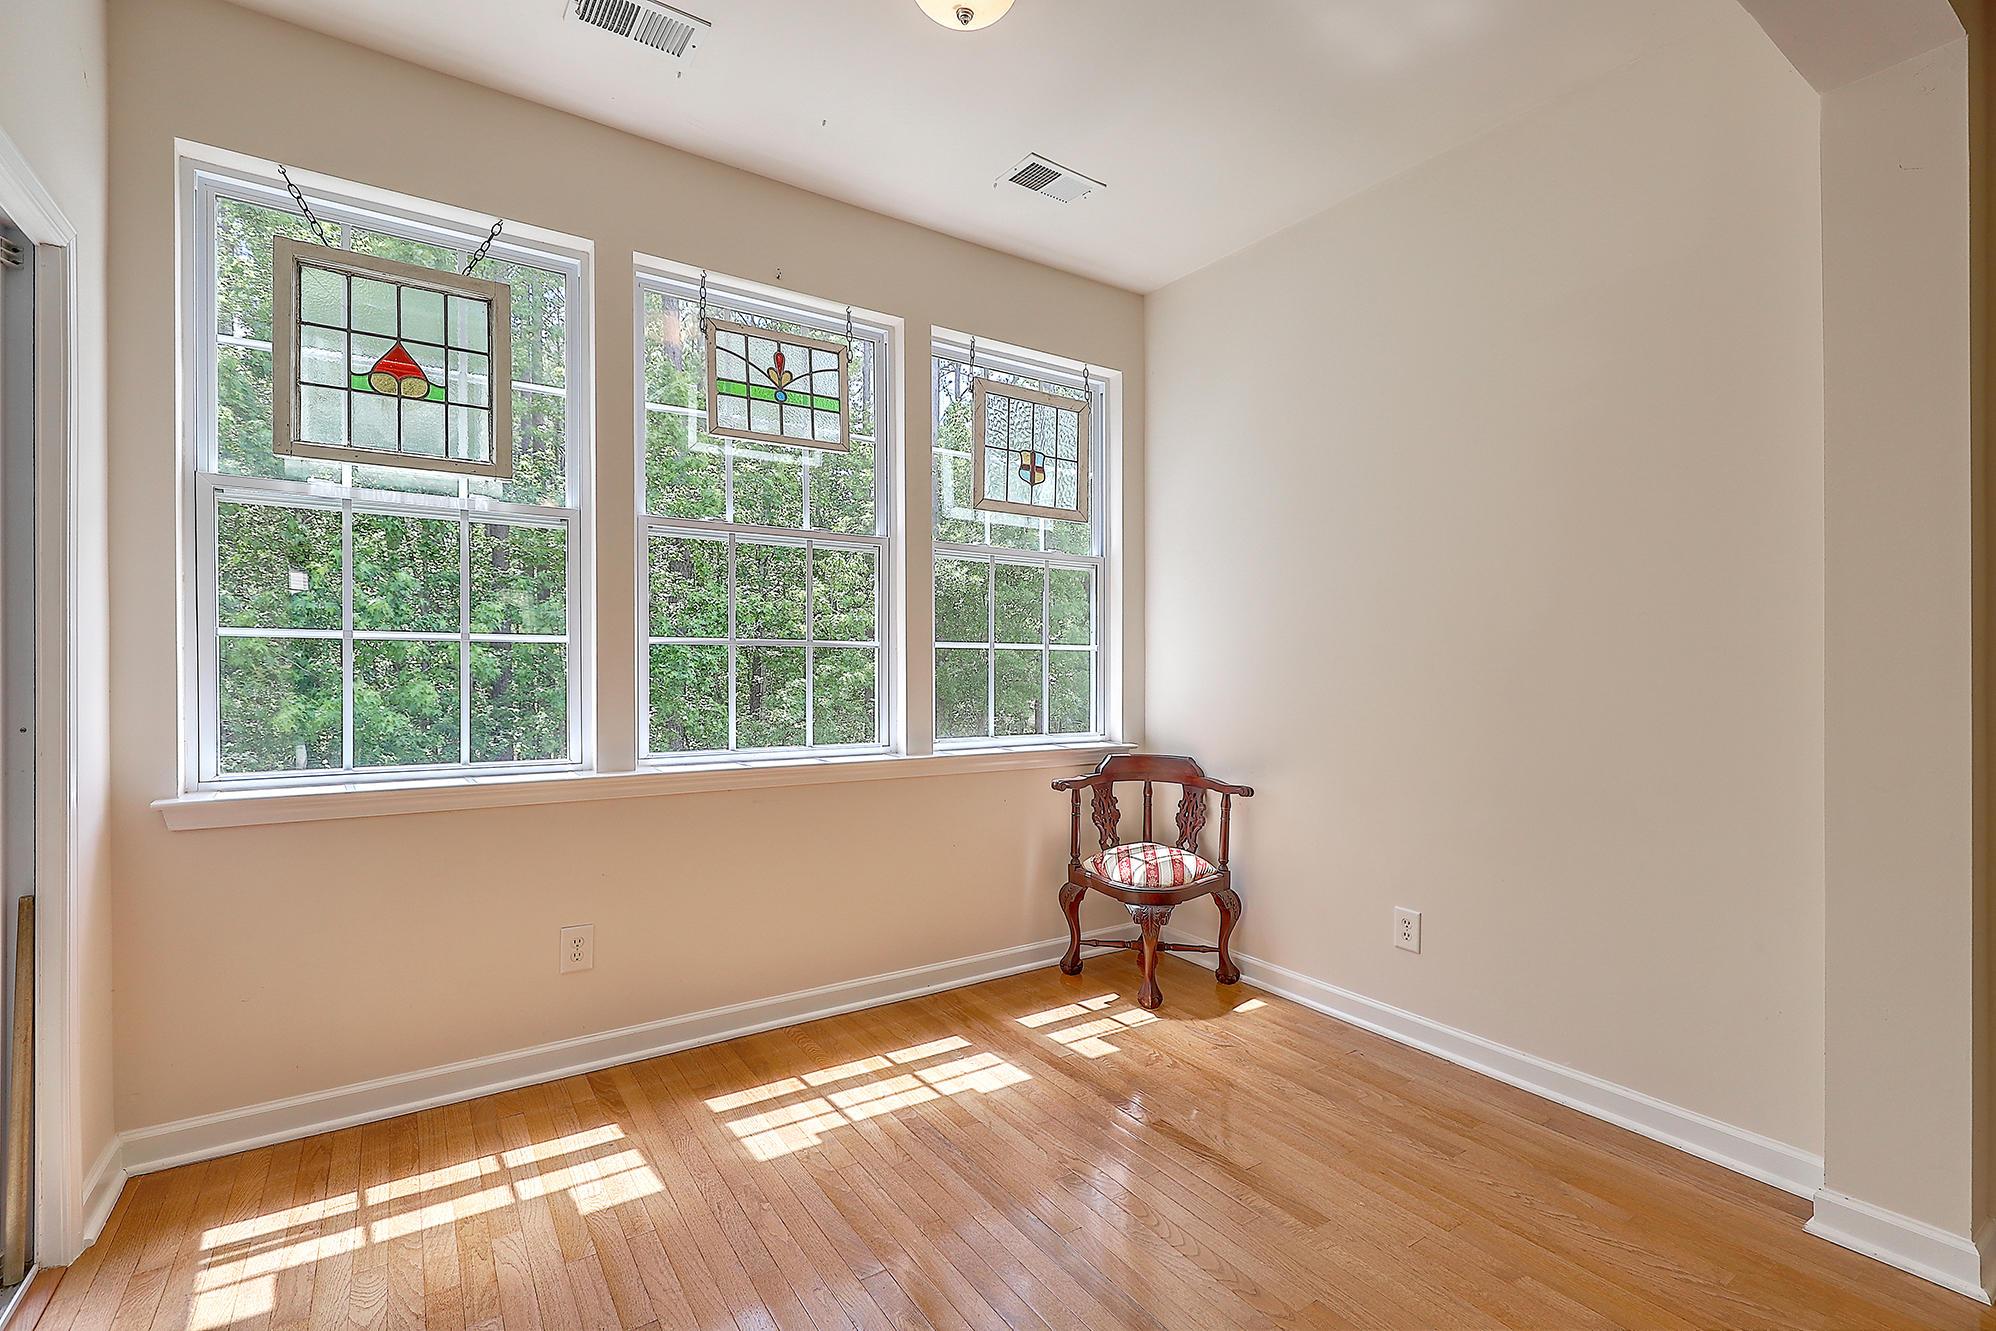 Kensington at Park West Homes For Sale - 3521 Claremont, Mount Pleasant, SC - 9